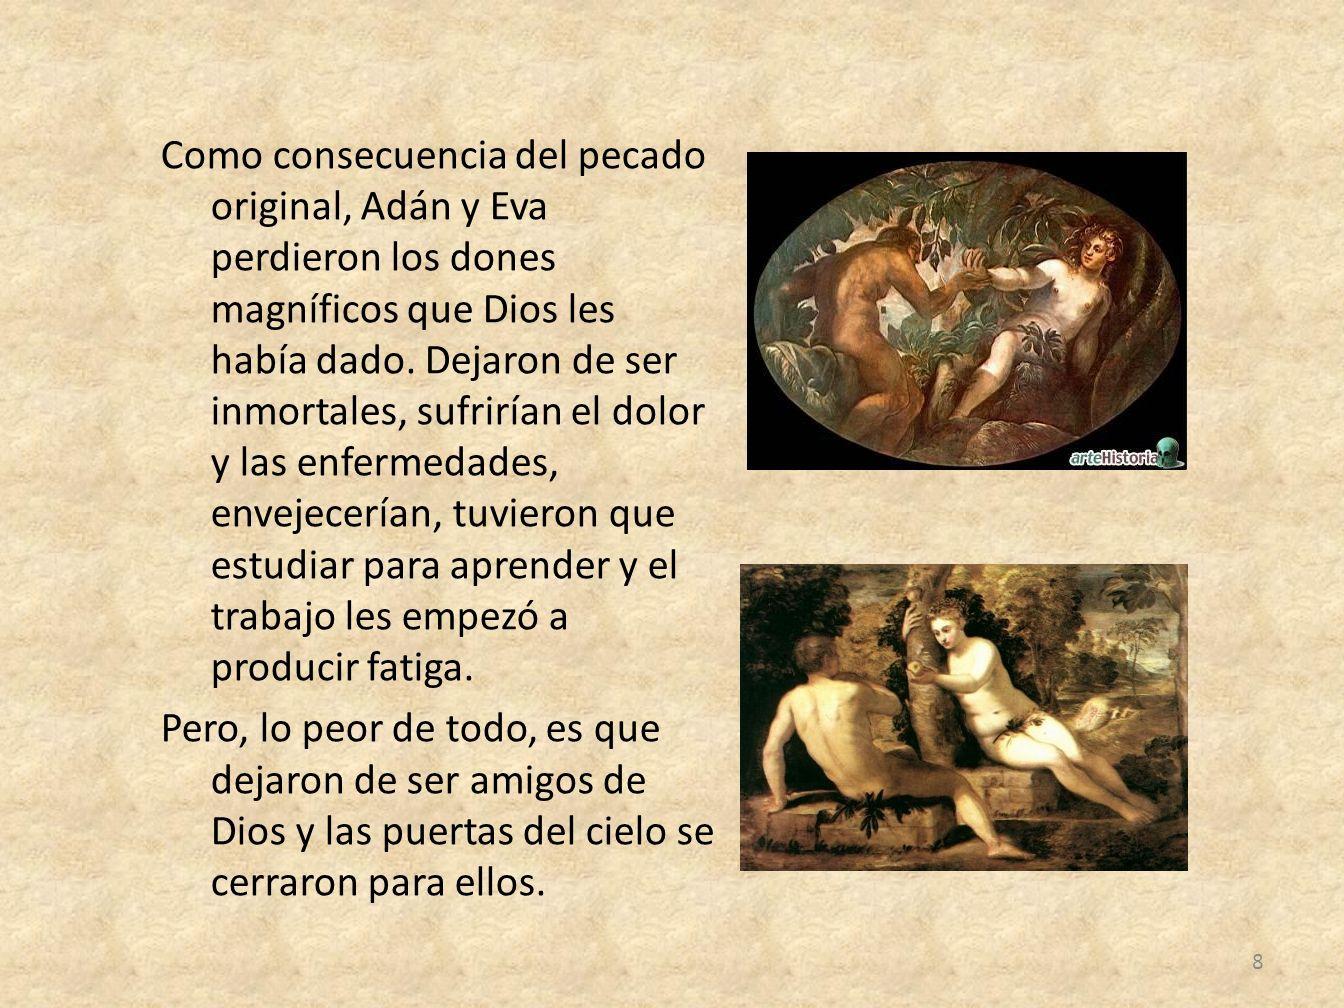 Como consecuencia del pecado original, Adán y Eva perdieron los dones magníficos que Dios les había dado. Dejaron de ser inmortales, sufrirían el dolo